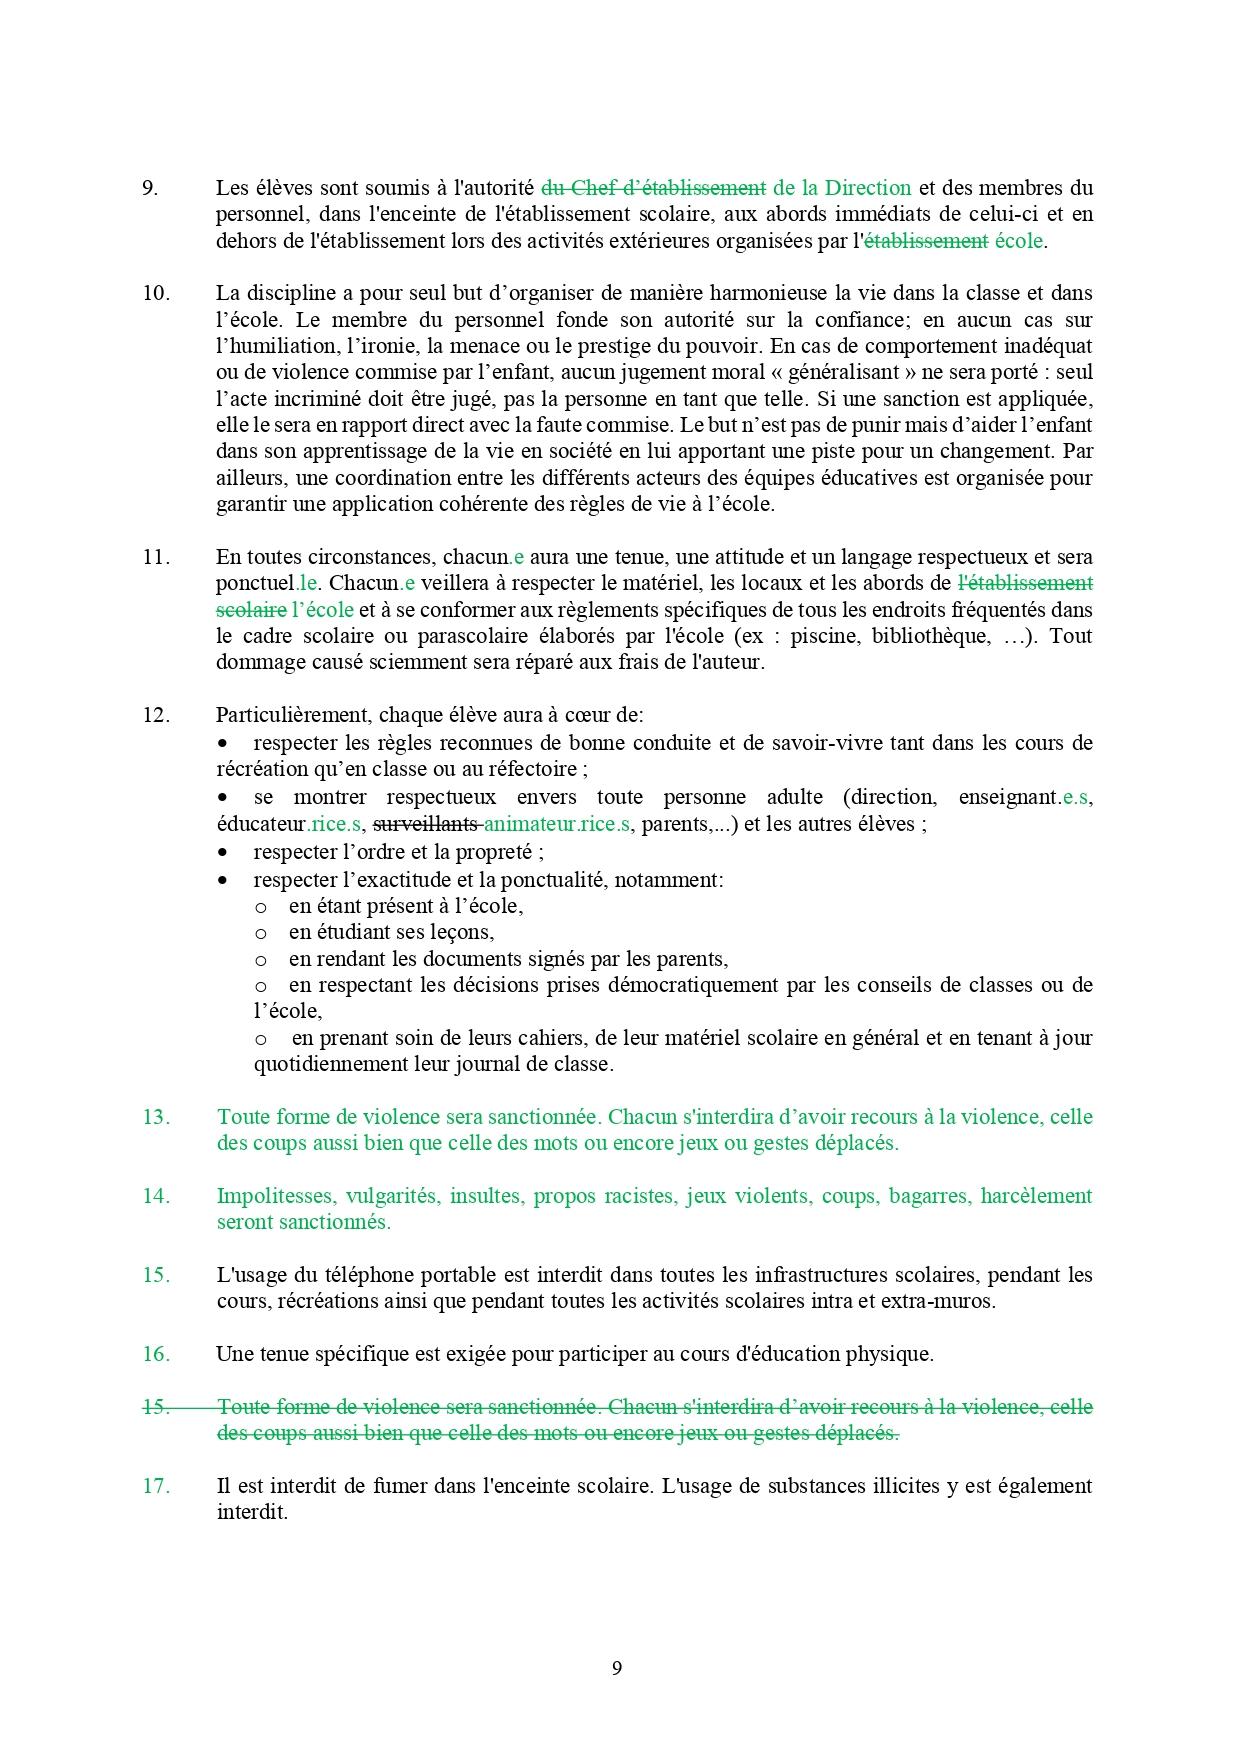 ROI fondamental avril 2020_page-0009